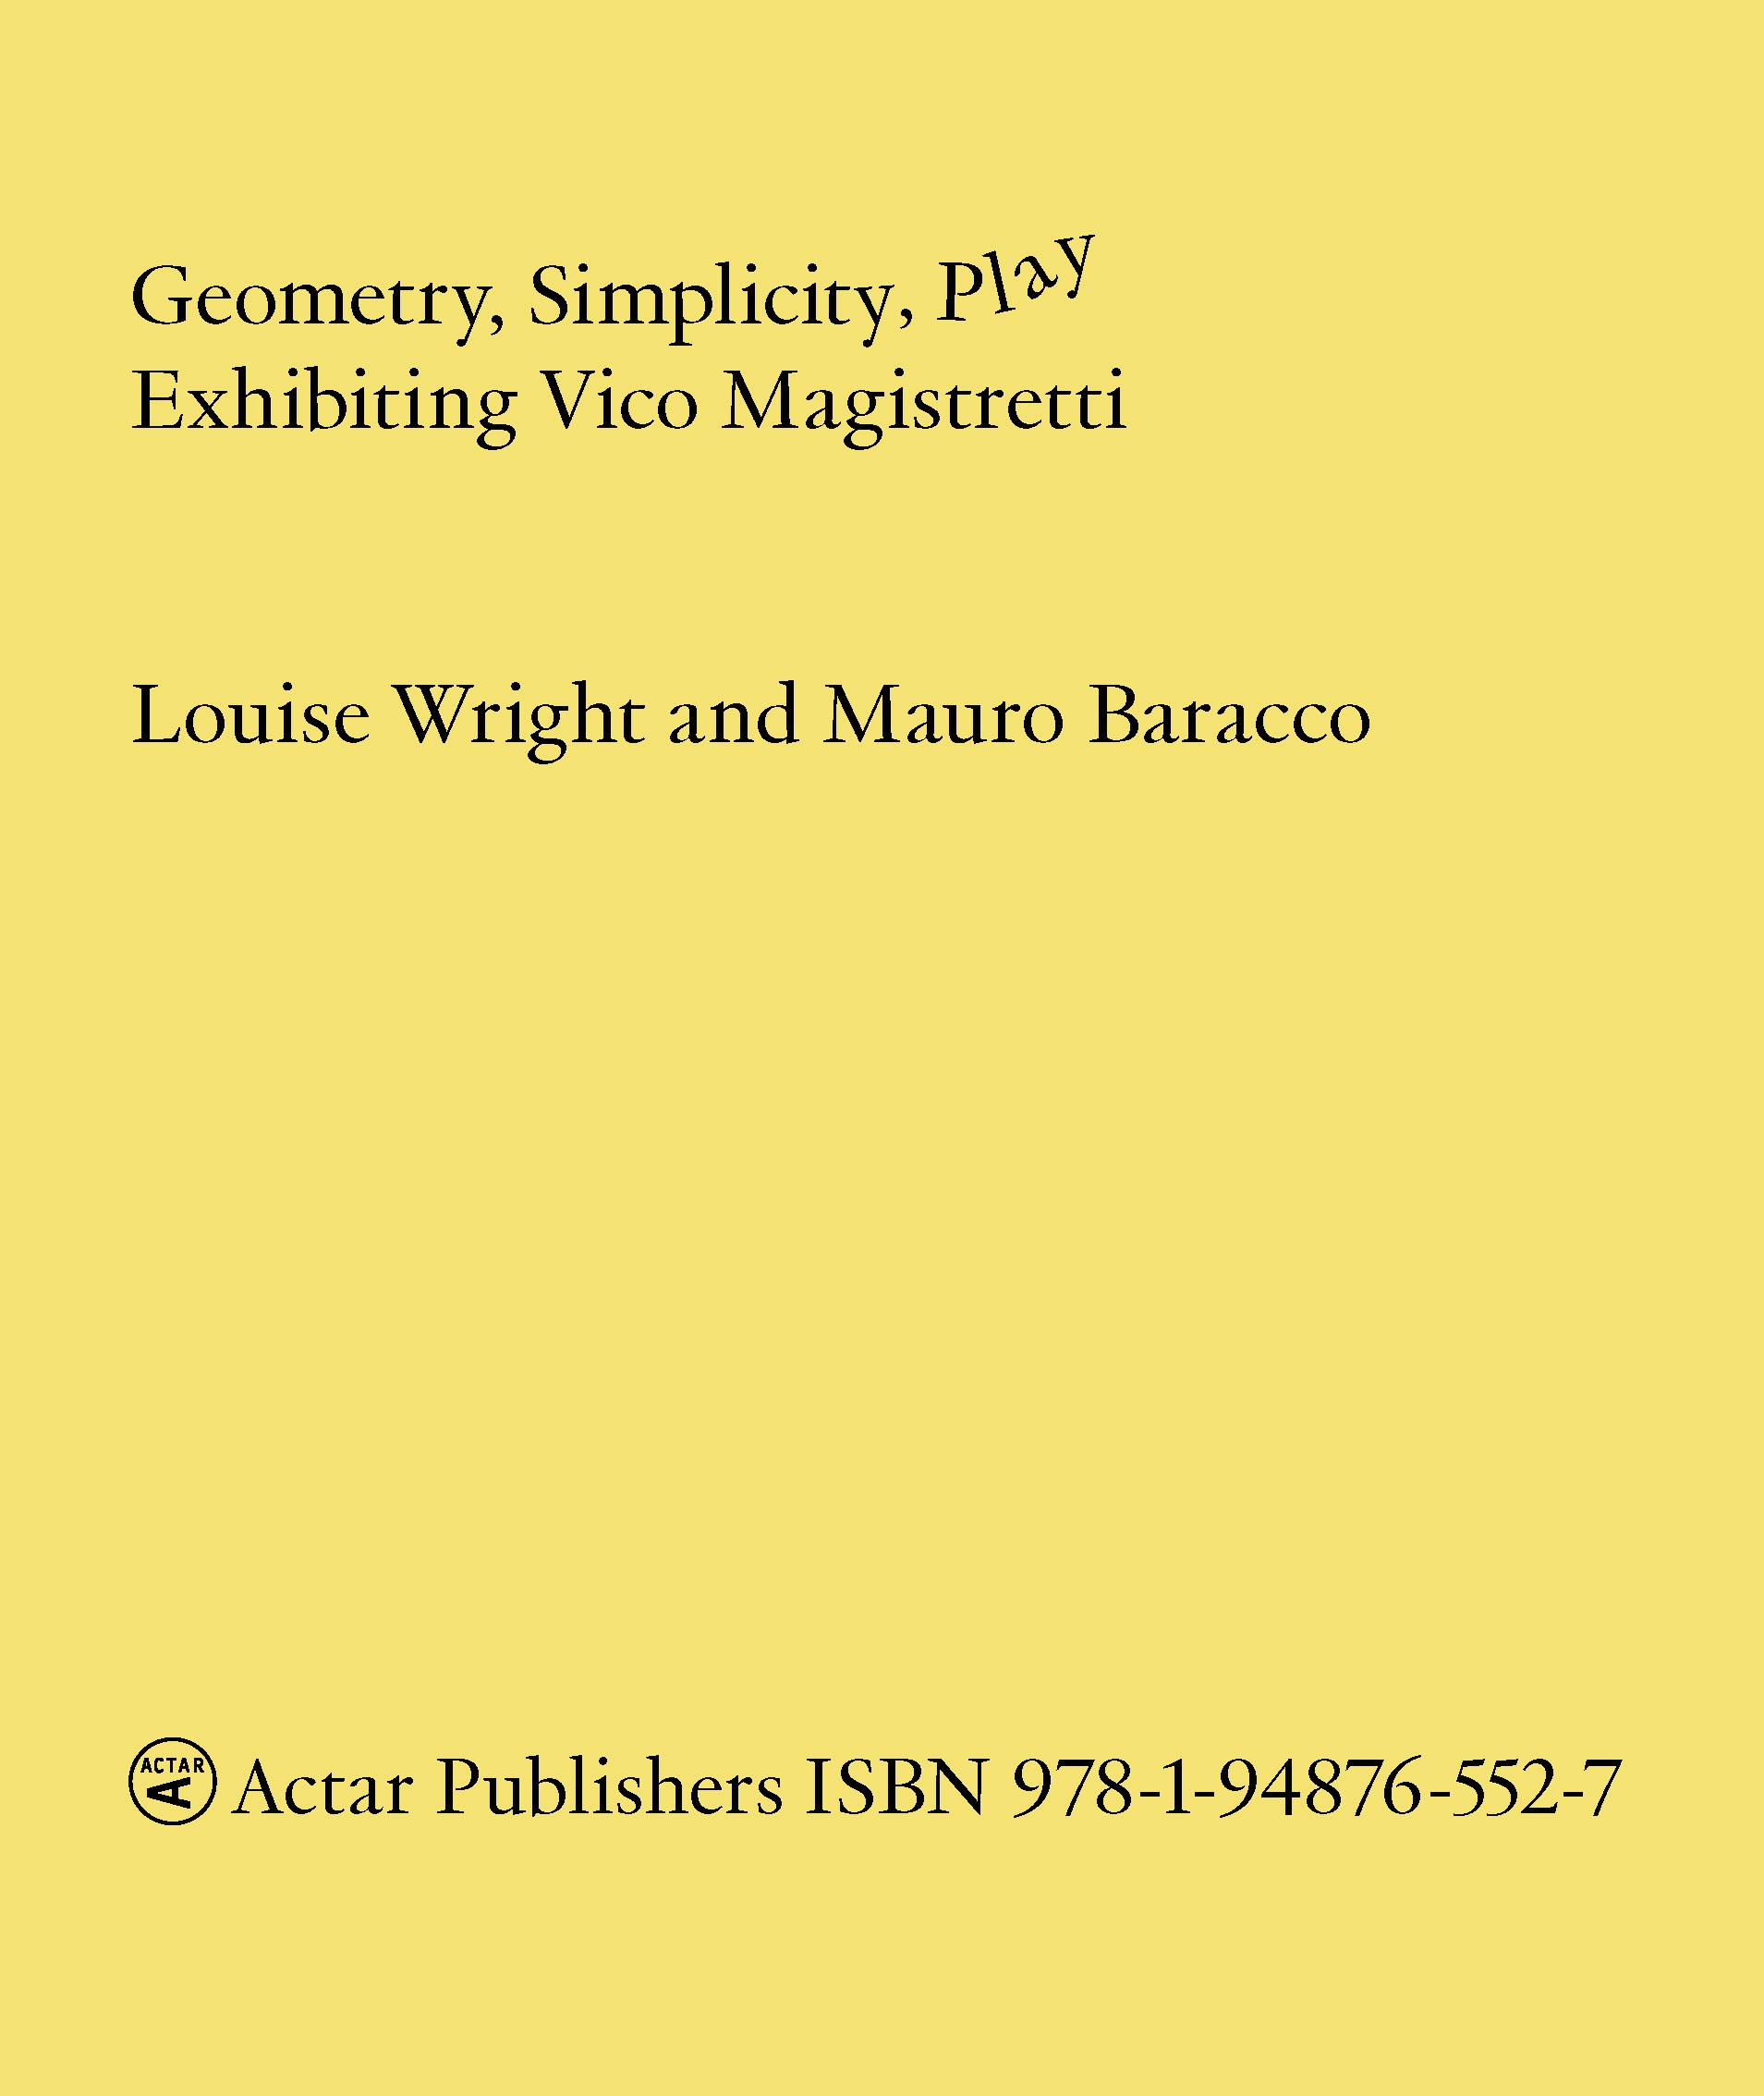 Actar Publishers